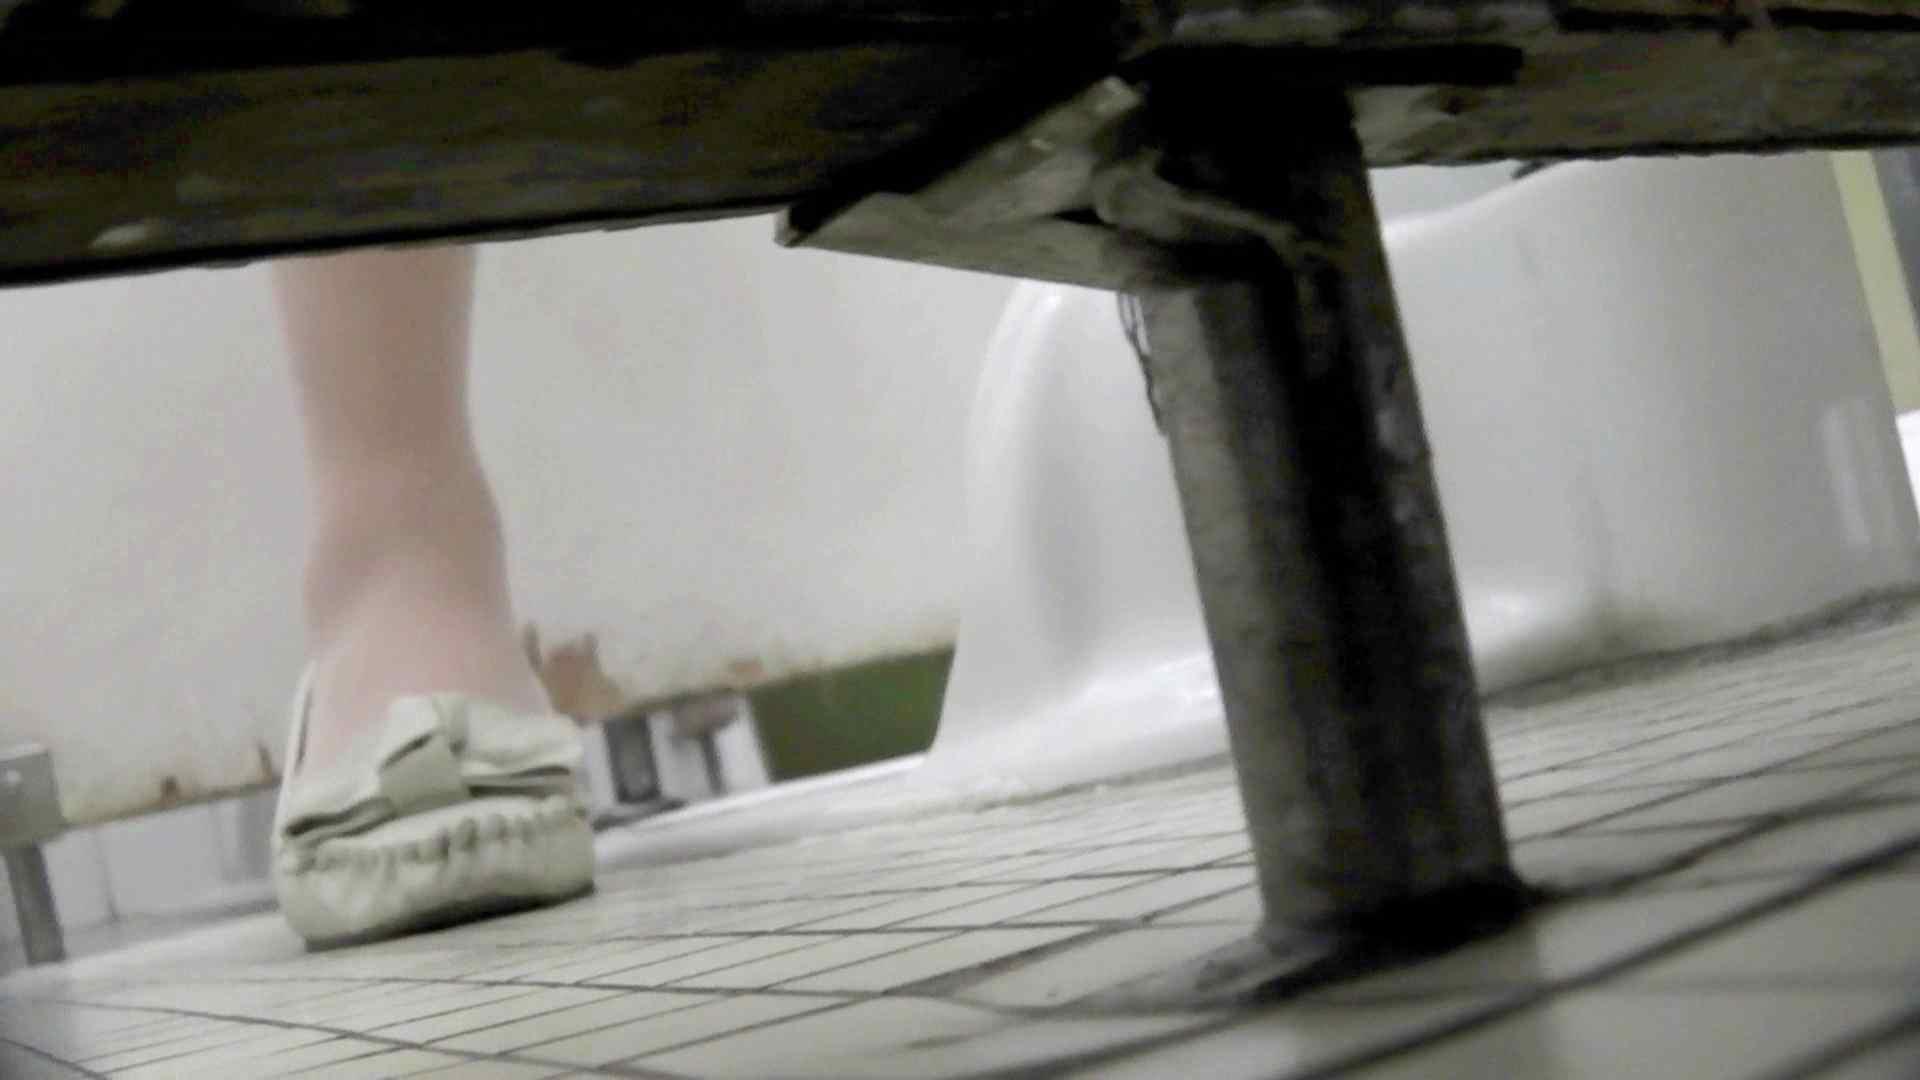 洗面所特攻隊 vol.74 last 2総勢16名激撮【2015・29位】 洗面所 | OLのボディ  85PIX 37